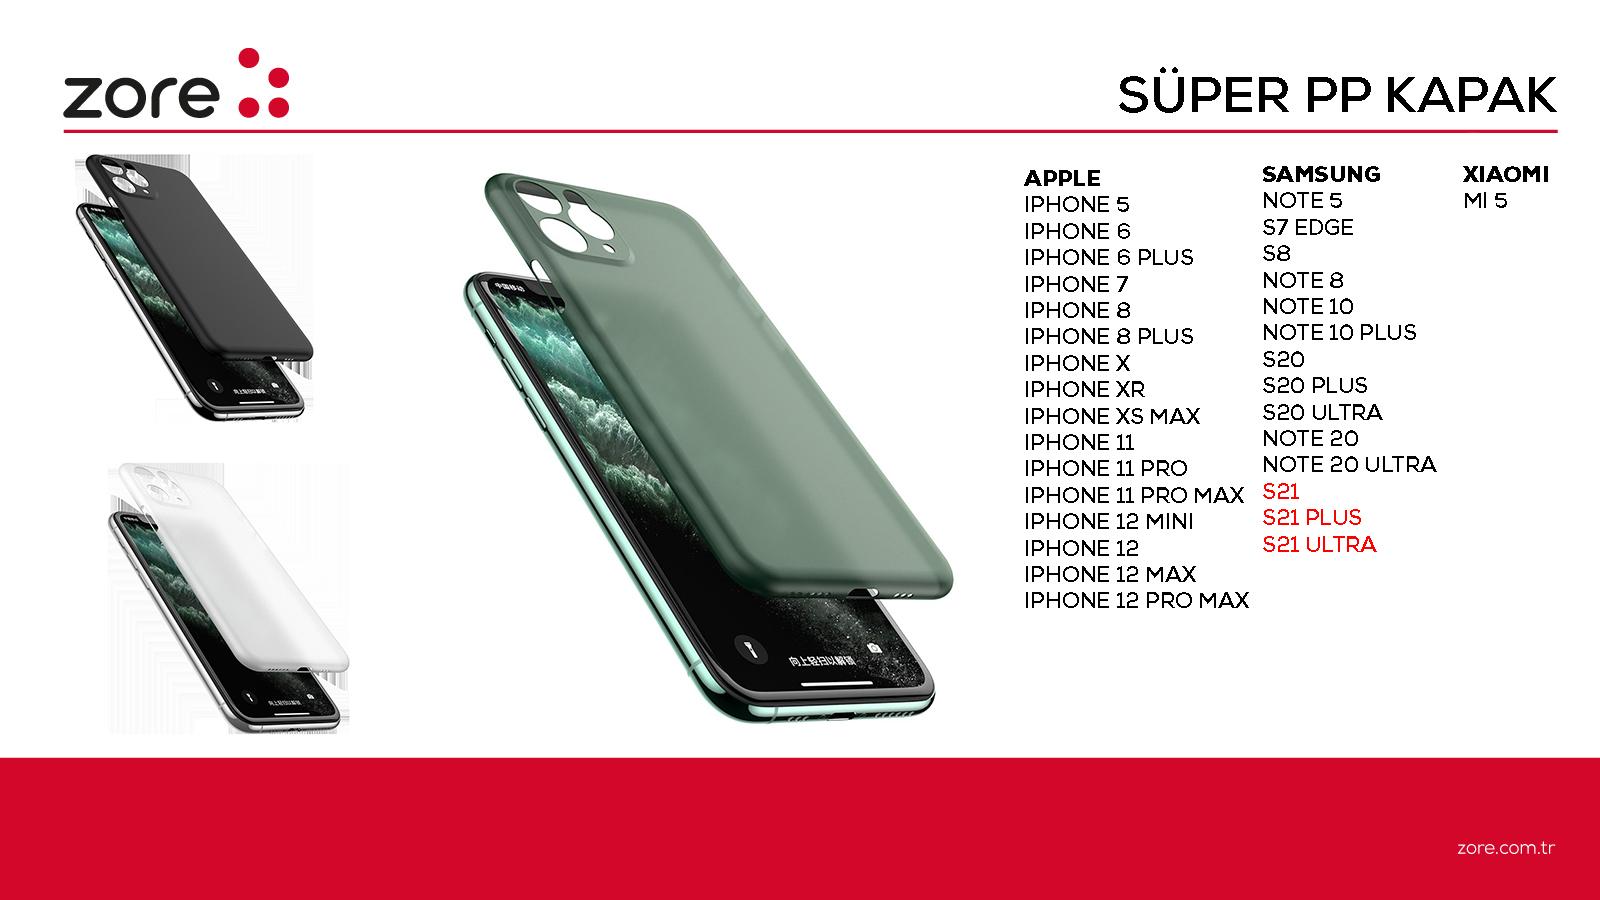 1.kalite süper pp.jpg (403 KB)